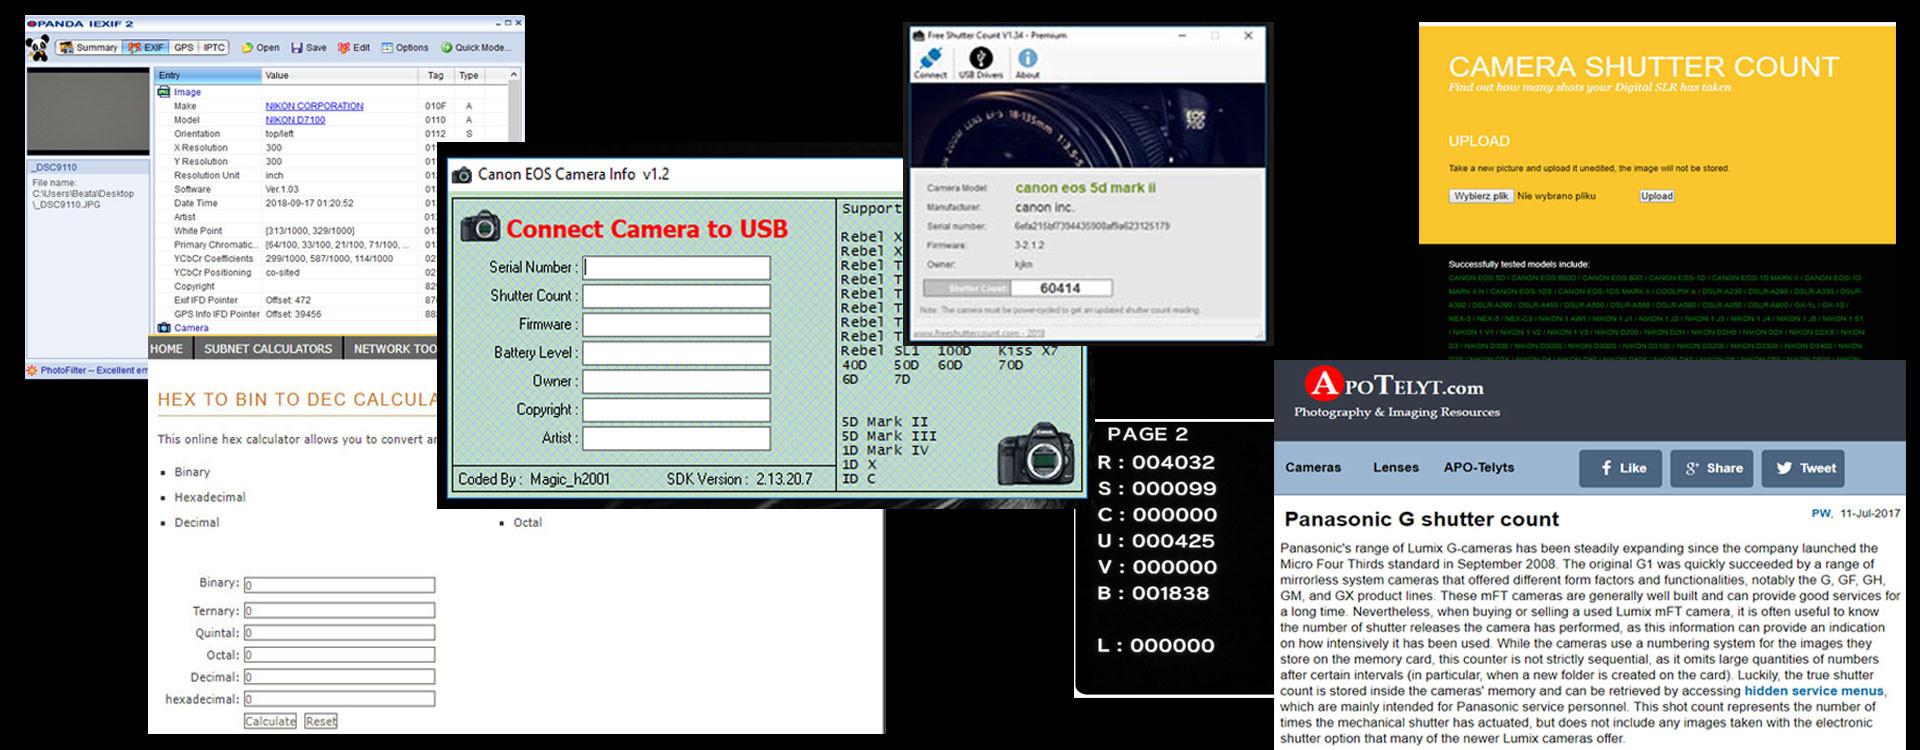 Jak sprawdzić przebieg aparatu fotograficznego?